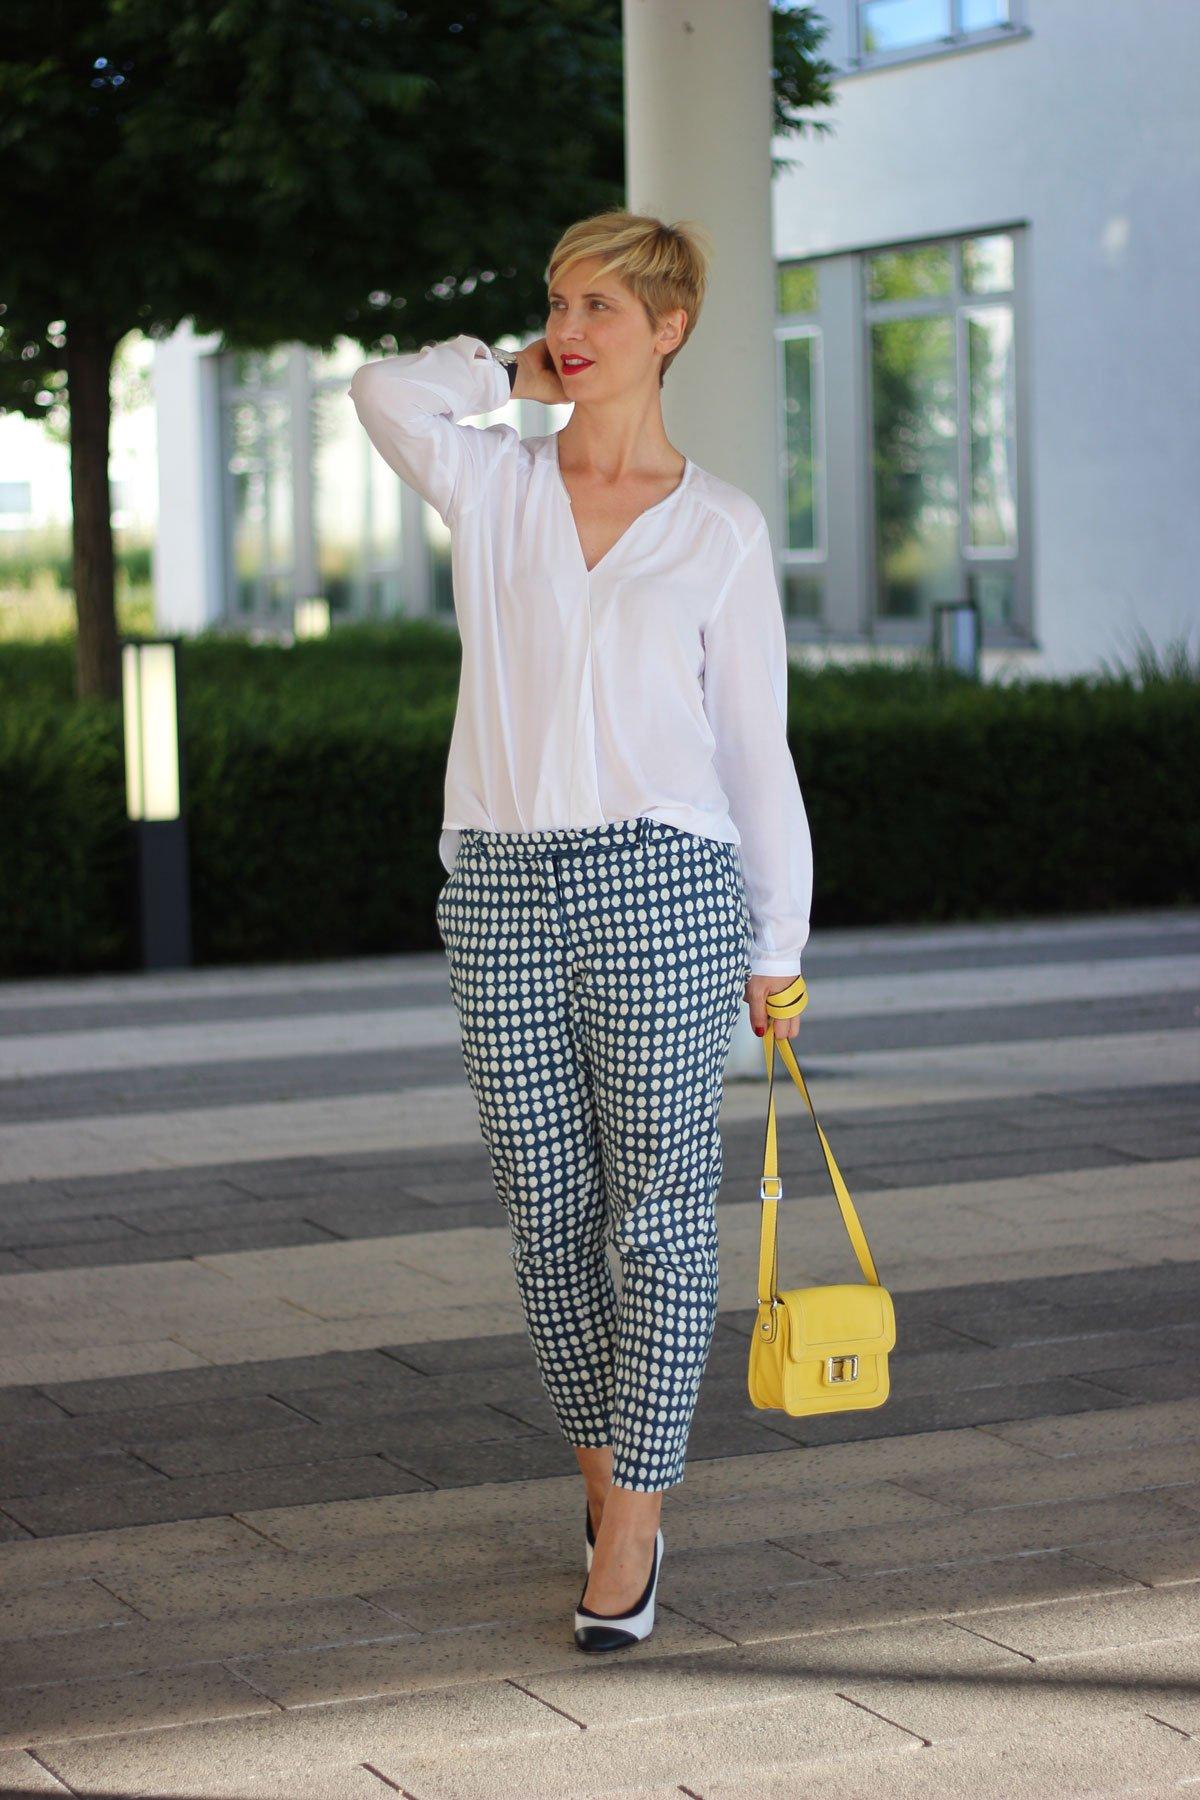 Punktehose, gelbe Tasche, weiße Bluse, Tonifashion, Pumps, Officelook, Sommeroutfit, Sommerreihe